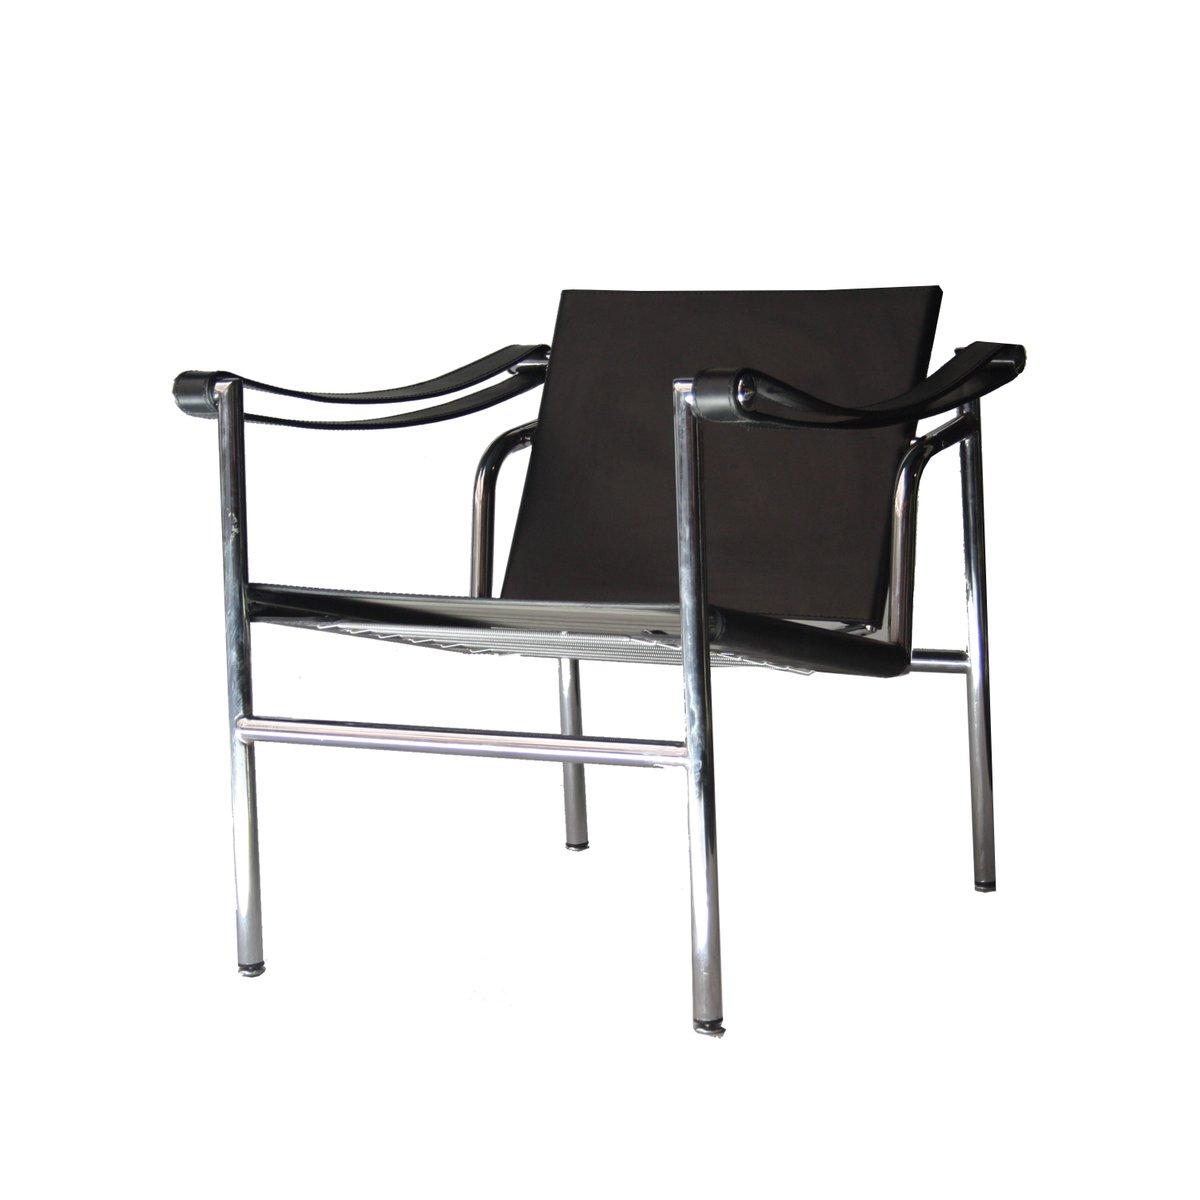 italienischer armlehnstuhl aus leder rohrstahl 1980er. Black Bedroom Furniture Sets. Home Design Ideas